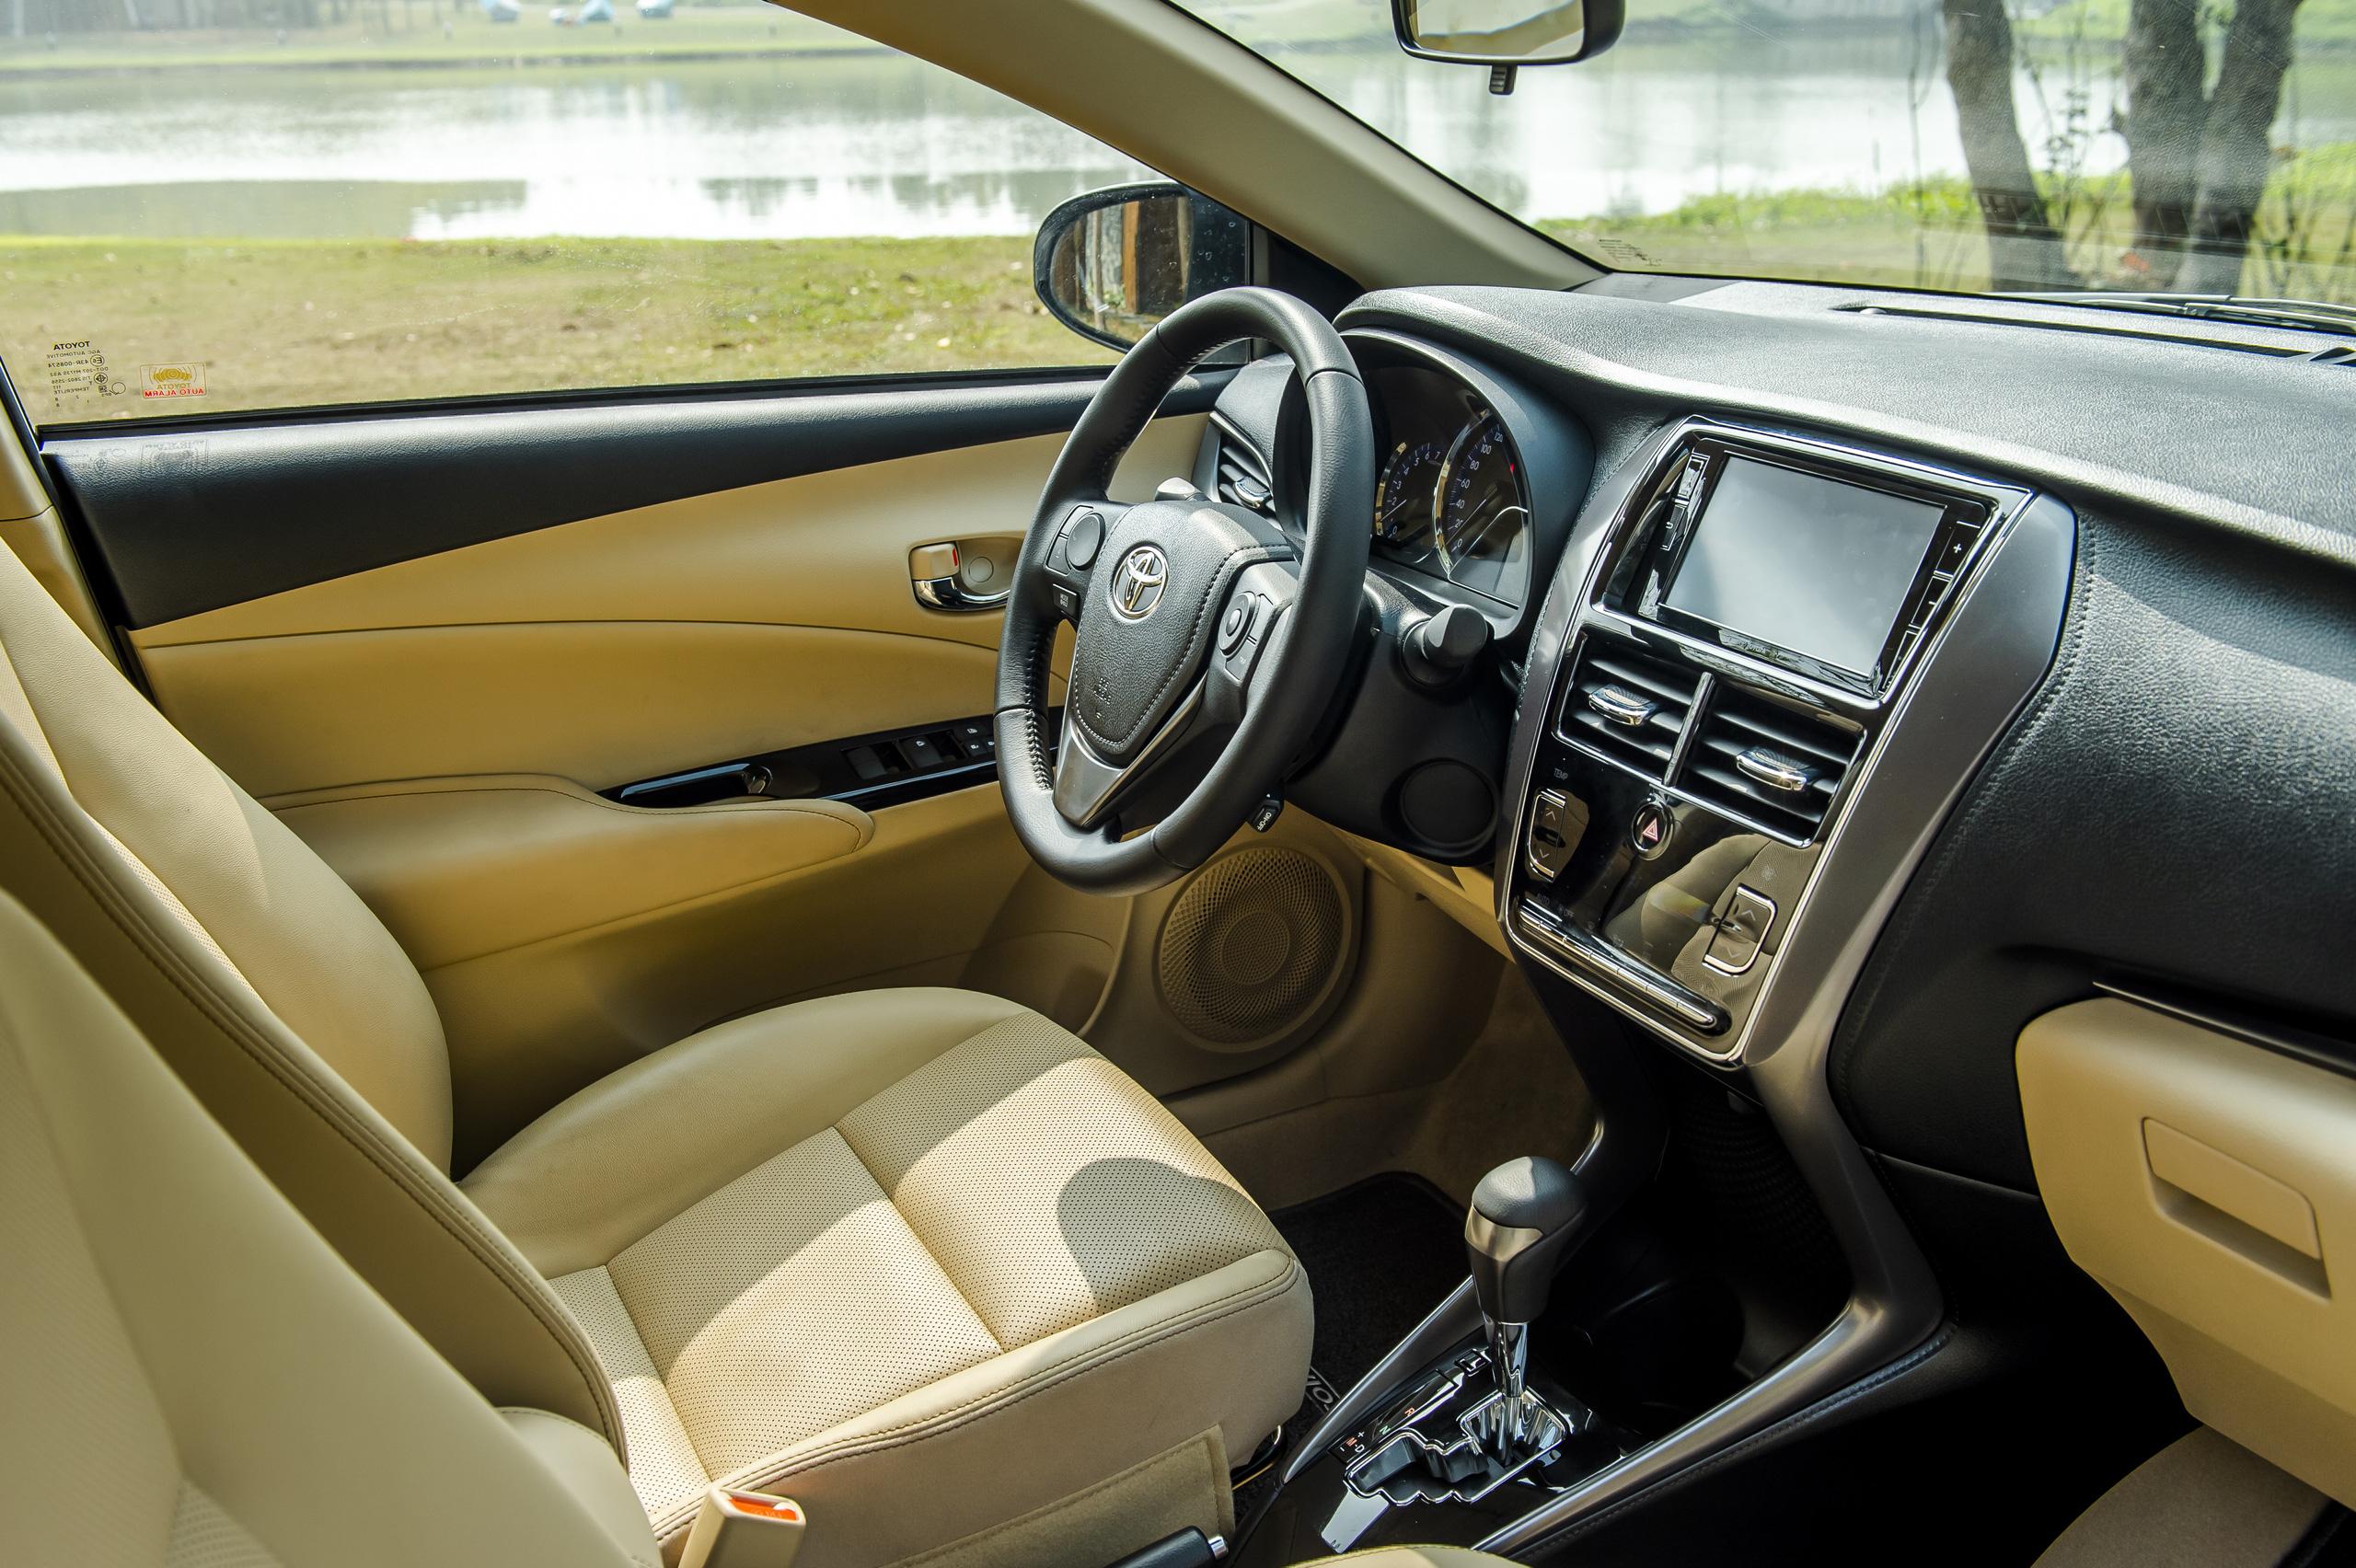 Chiếc Toyota Vios 2021 đầu tiên xuất hiện tại Việt Nam, giá chỉ từ 478 triệu đồng - Ảnh 8.